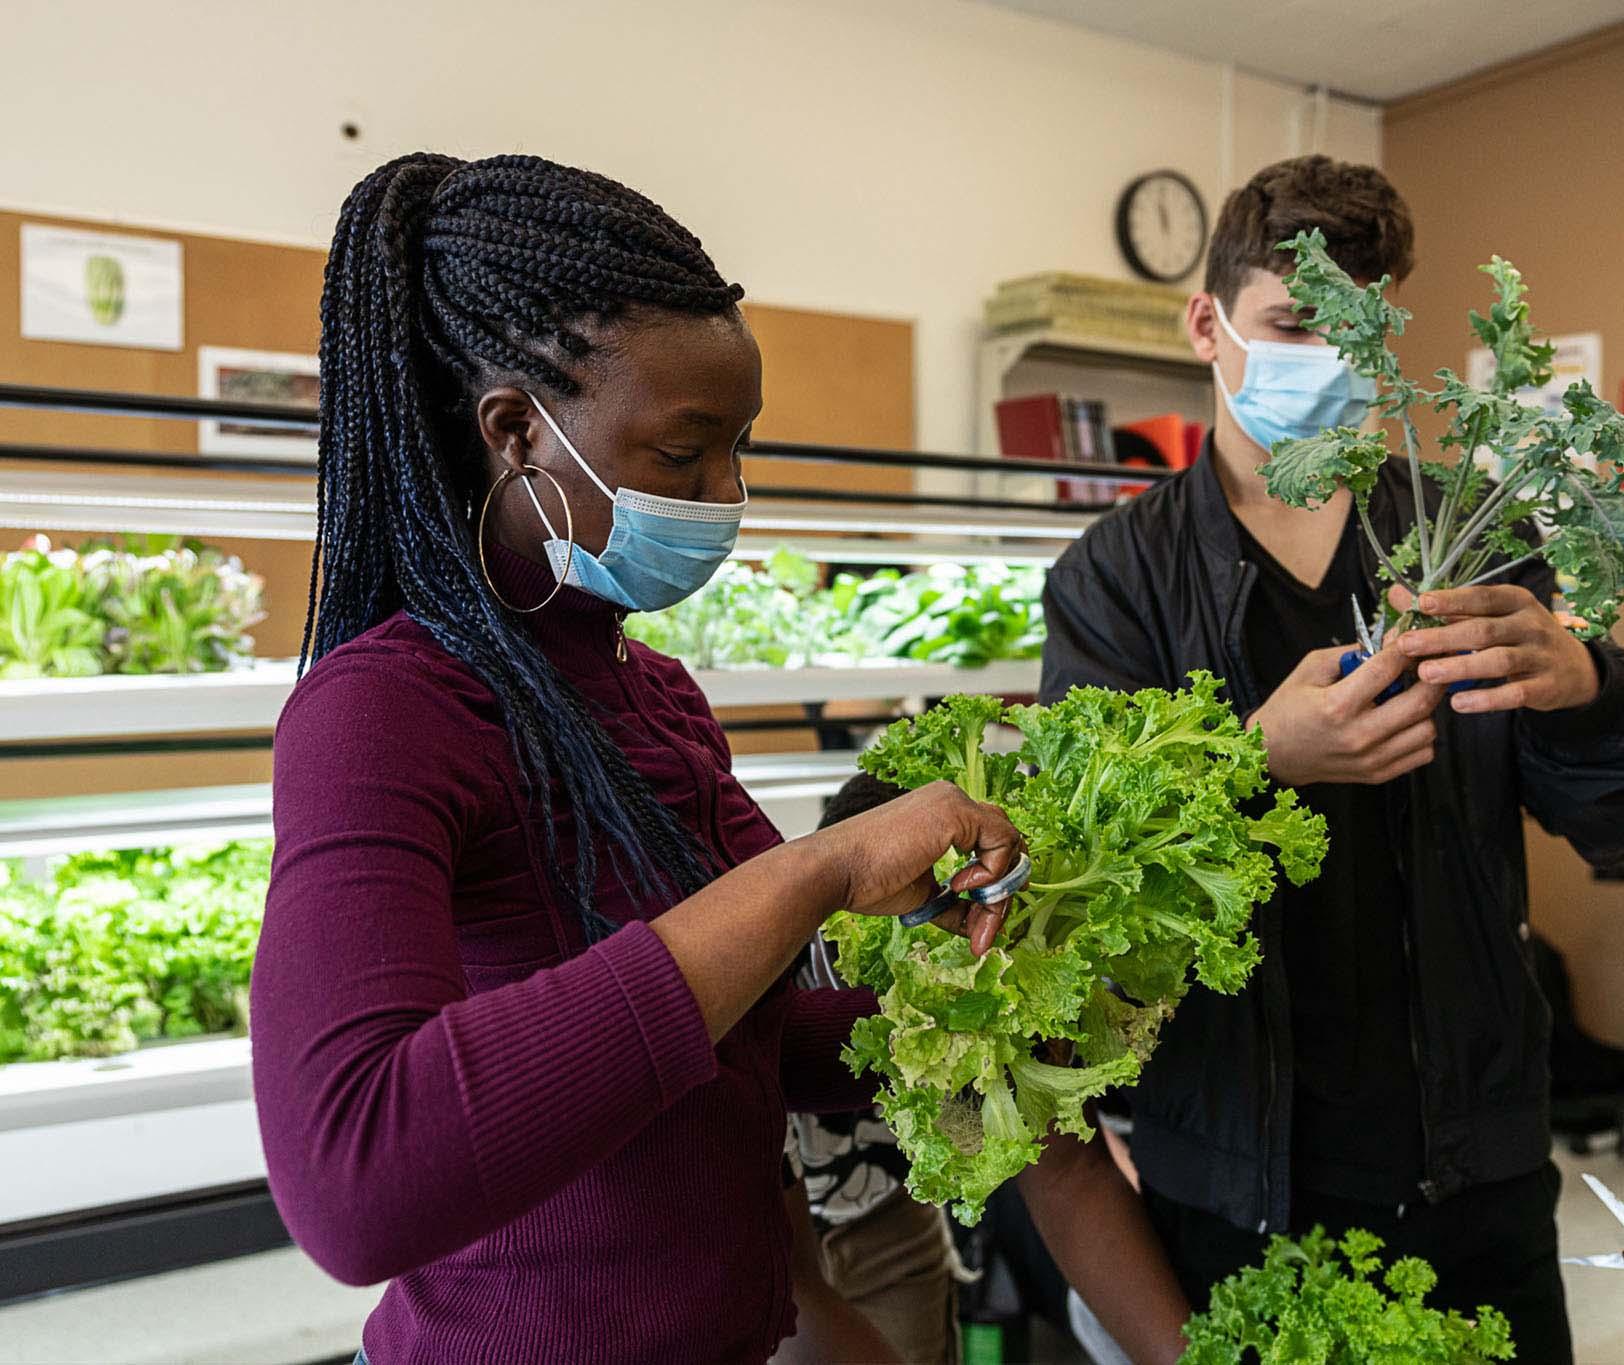 vireo kids salad harvest